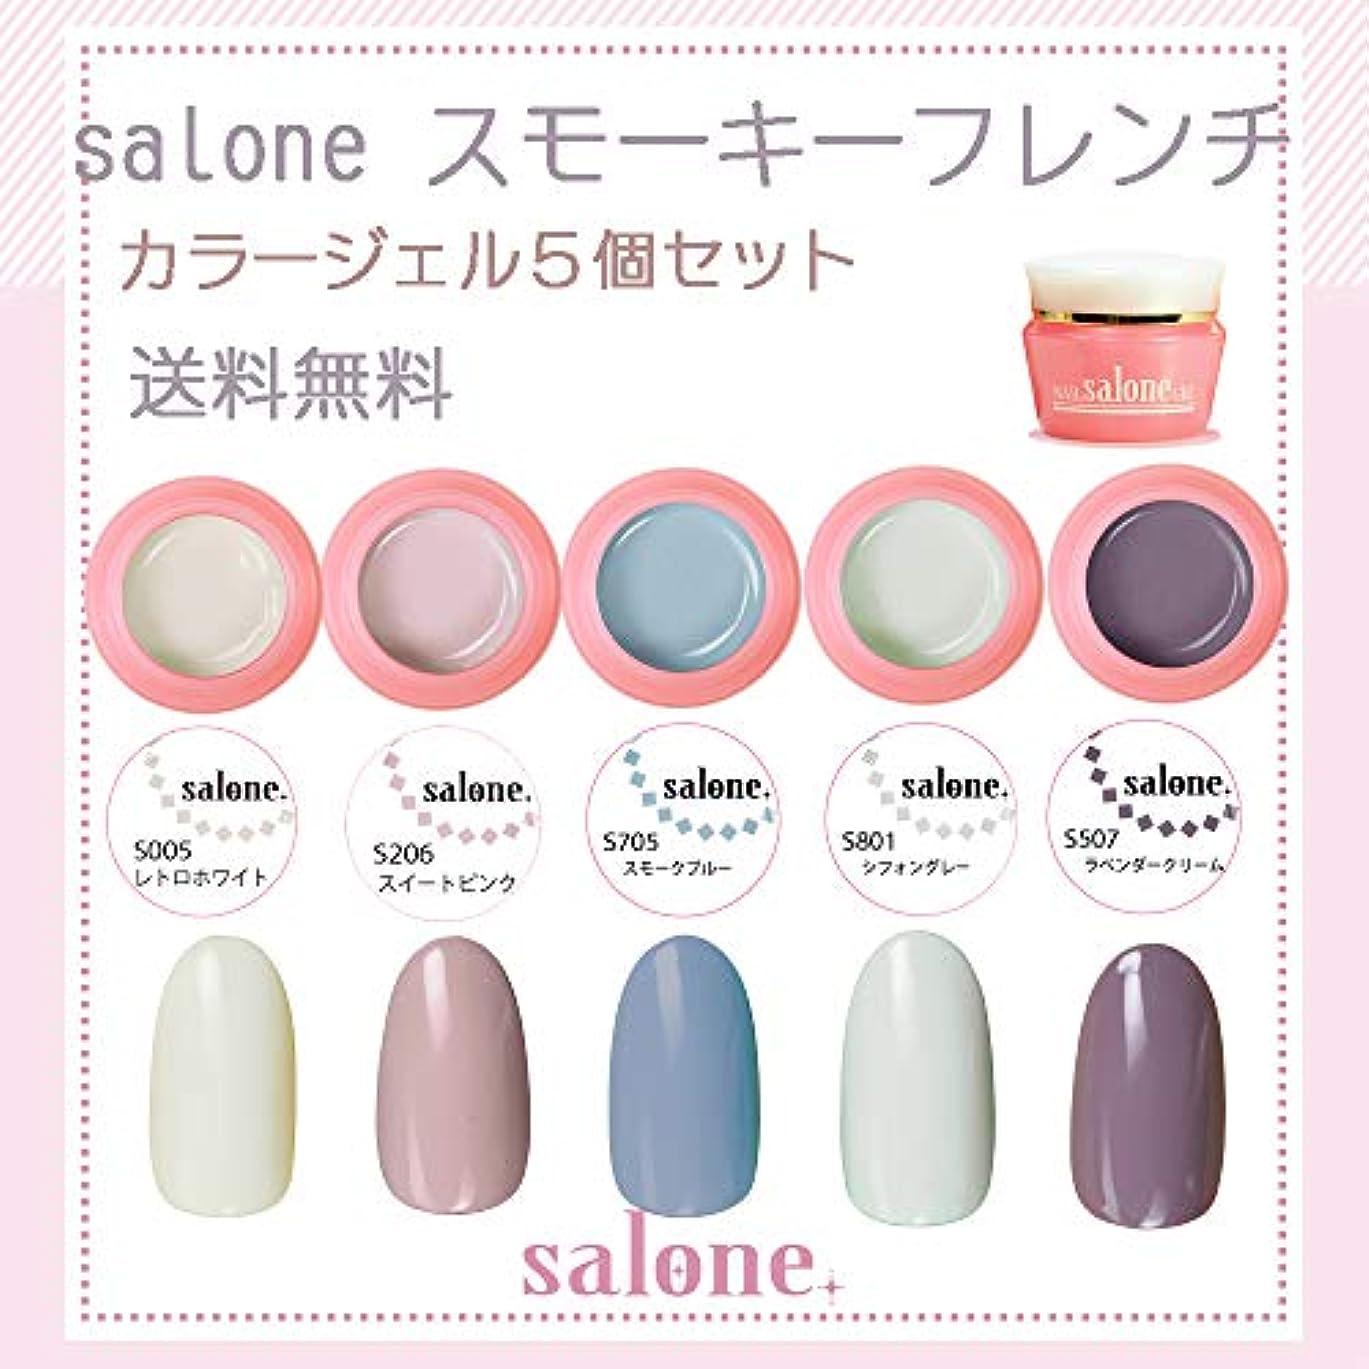 一般的に言えばモトリーステートメント【送料無料 日本製】Salone ヌーディフレンチカラージェル5個セット 肌馴染みの良いヌーディカラーをチョイスしました。